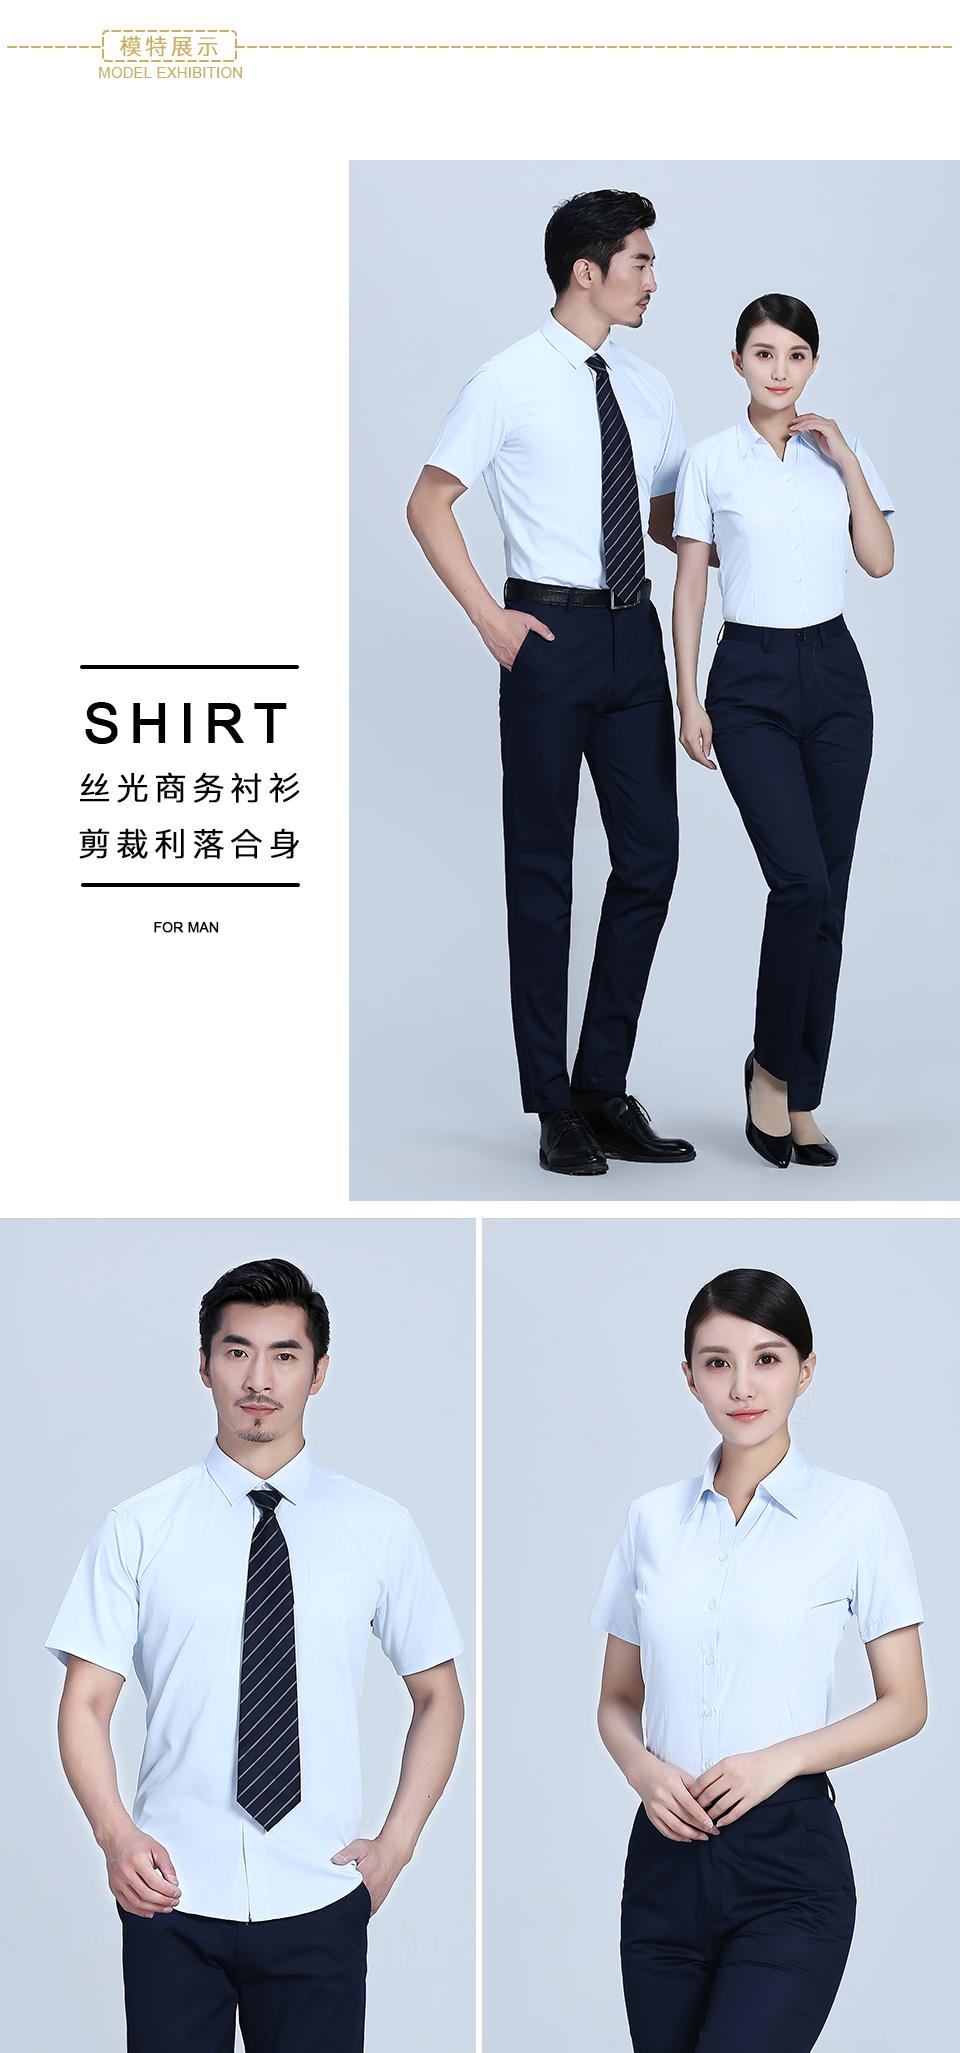 衬衫白色男蓝白商务短袖衬衫